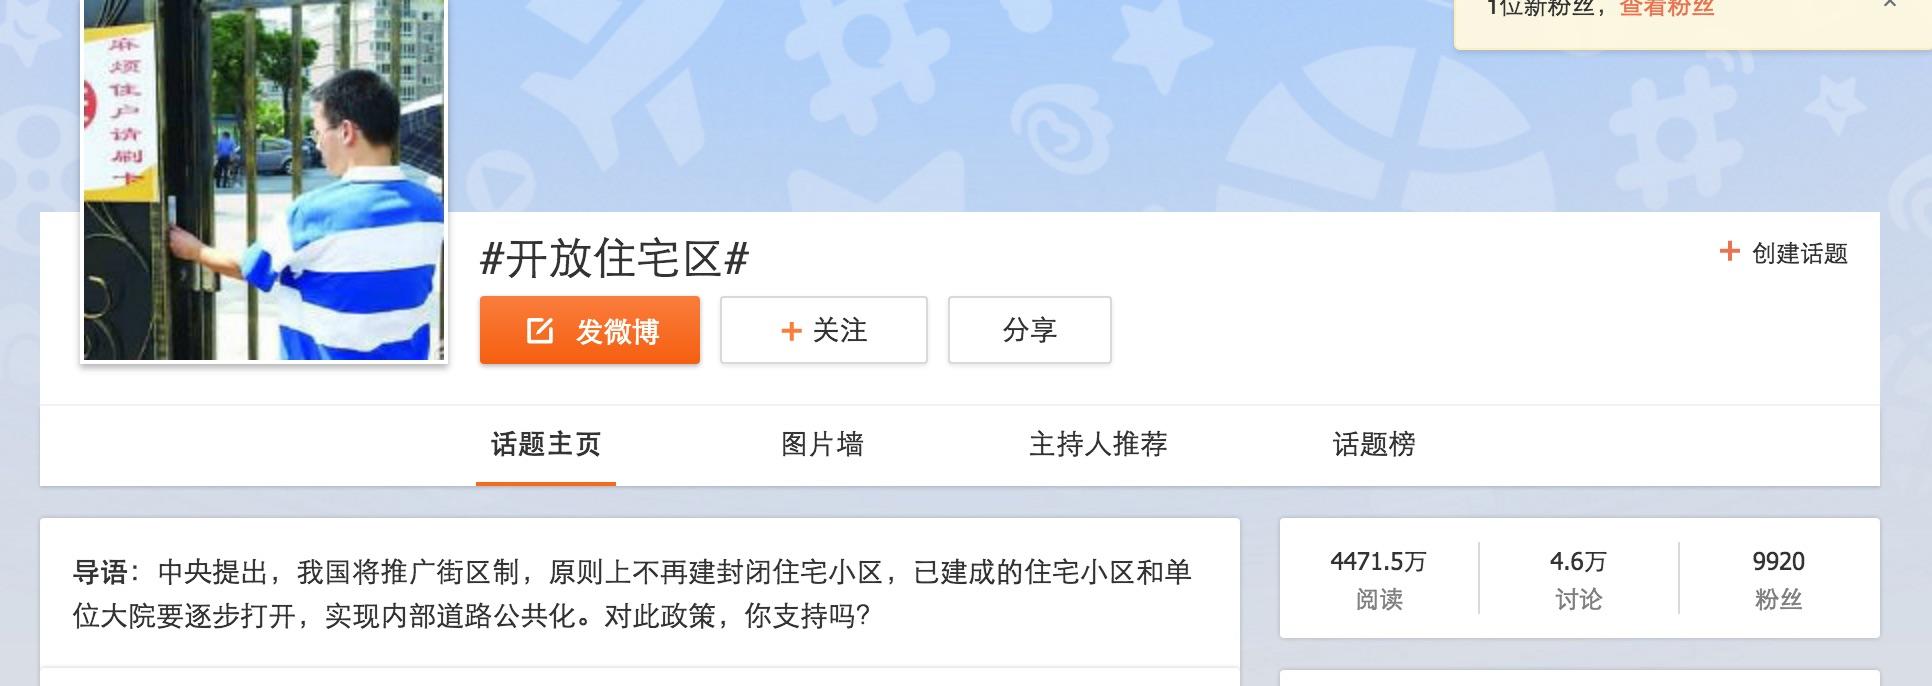 weibo trending